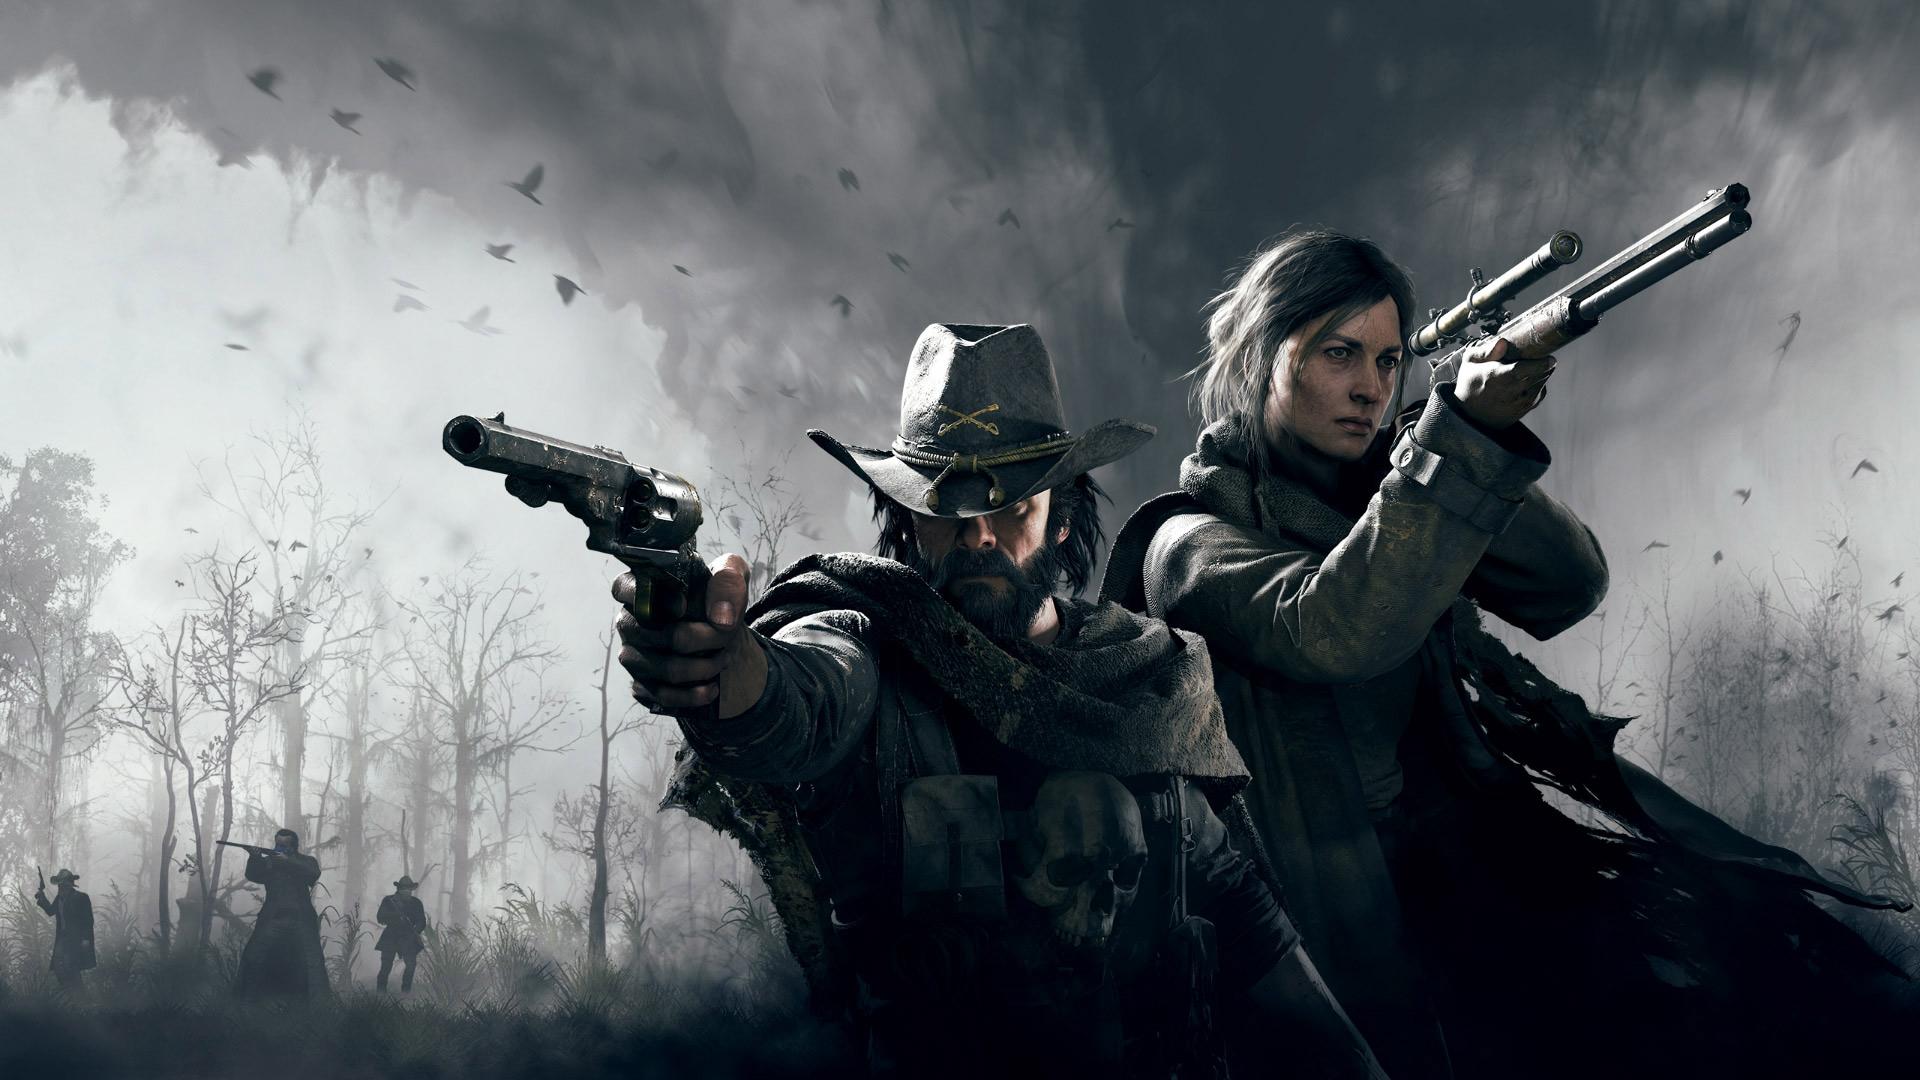 Crytek宣布《猎杀:对决》1.5版本更新推迟至2021年